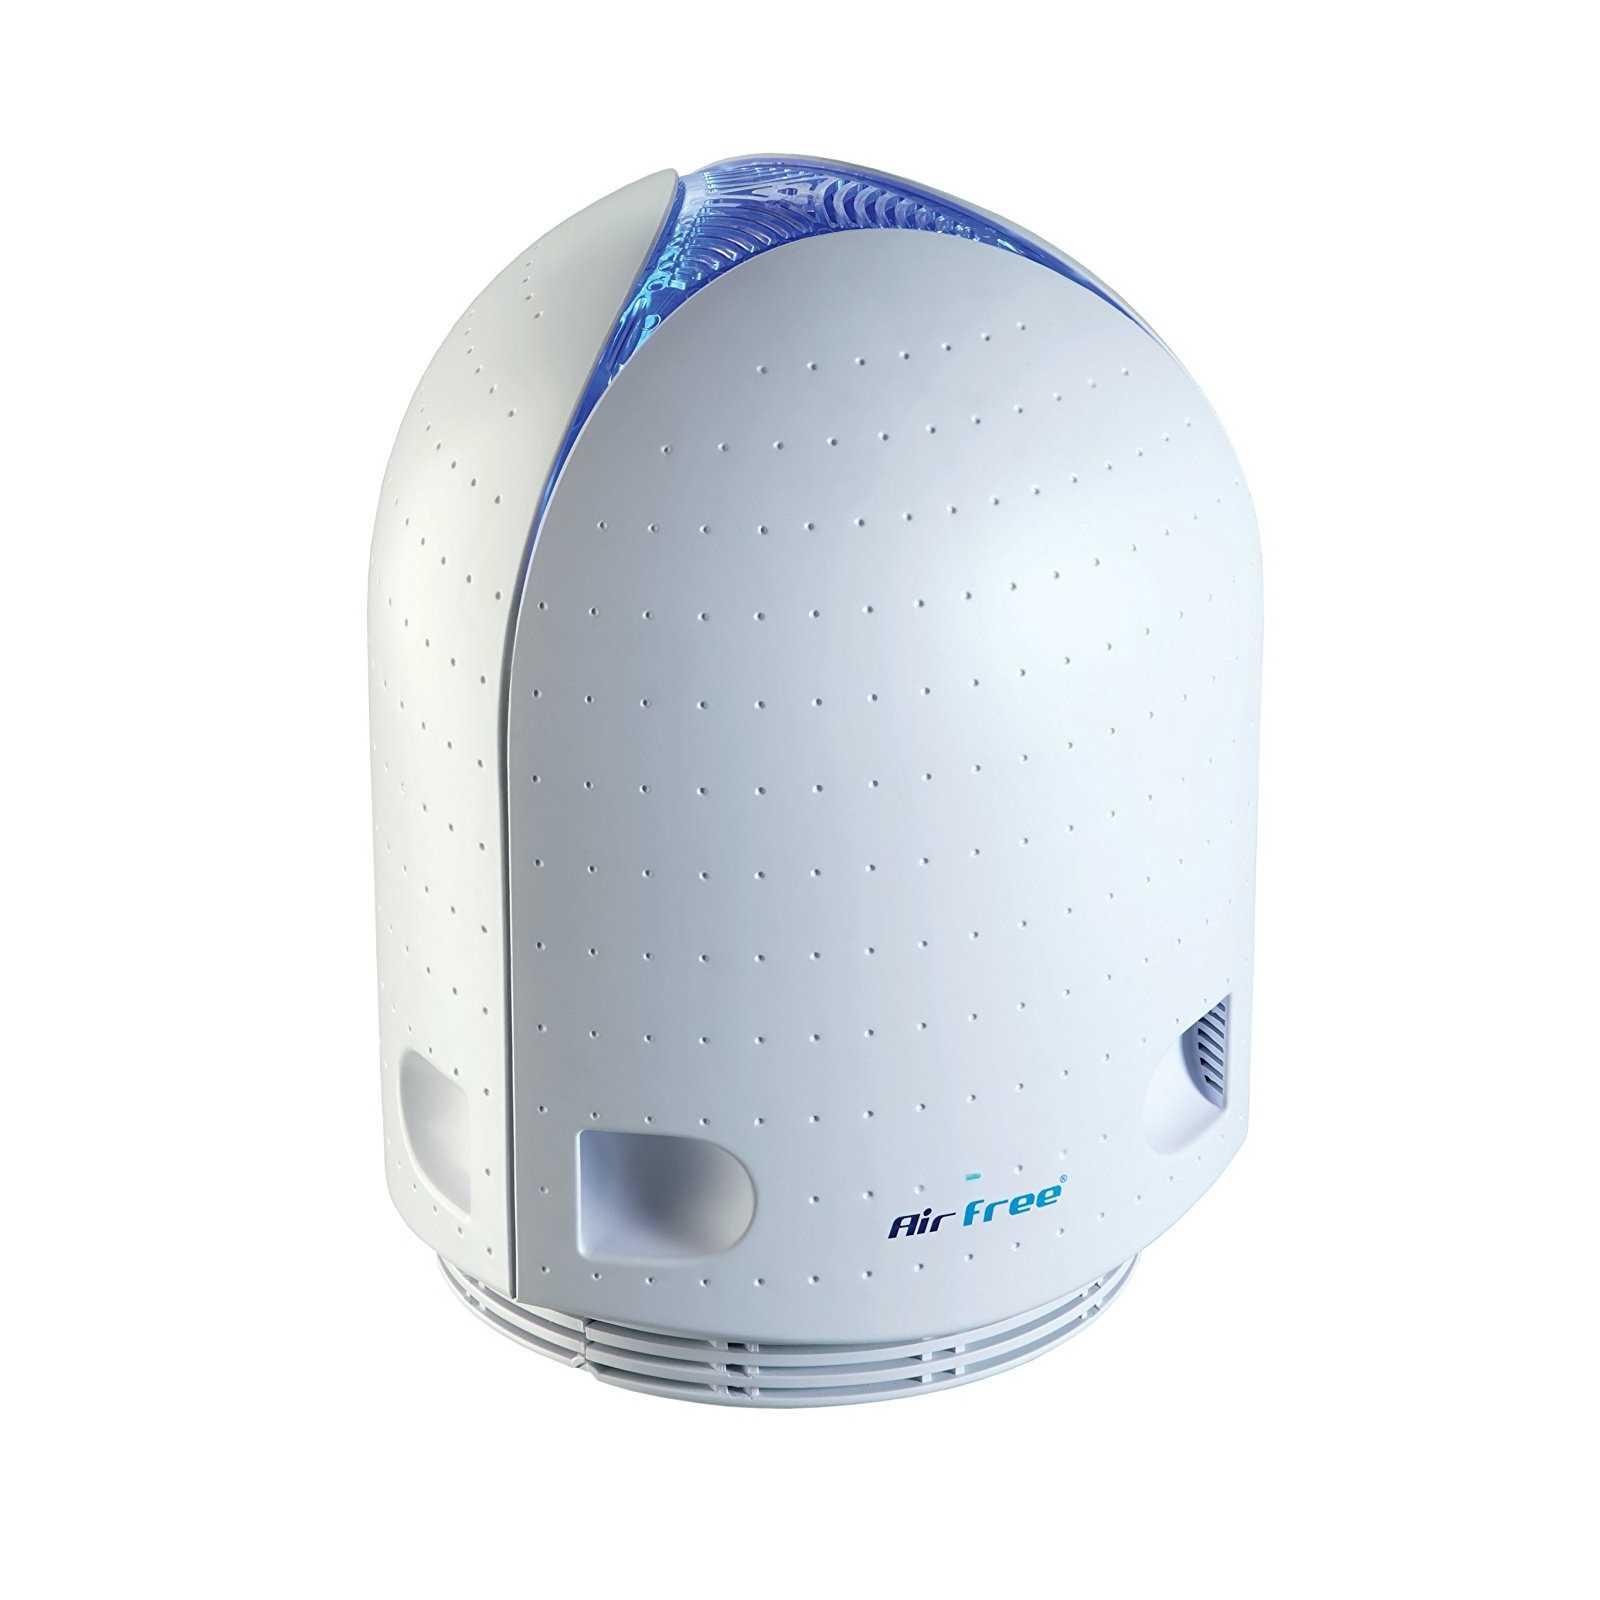 AirFree P1000 Room Air Purifier